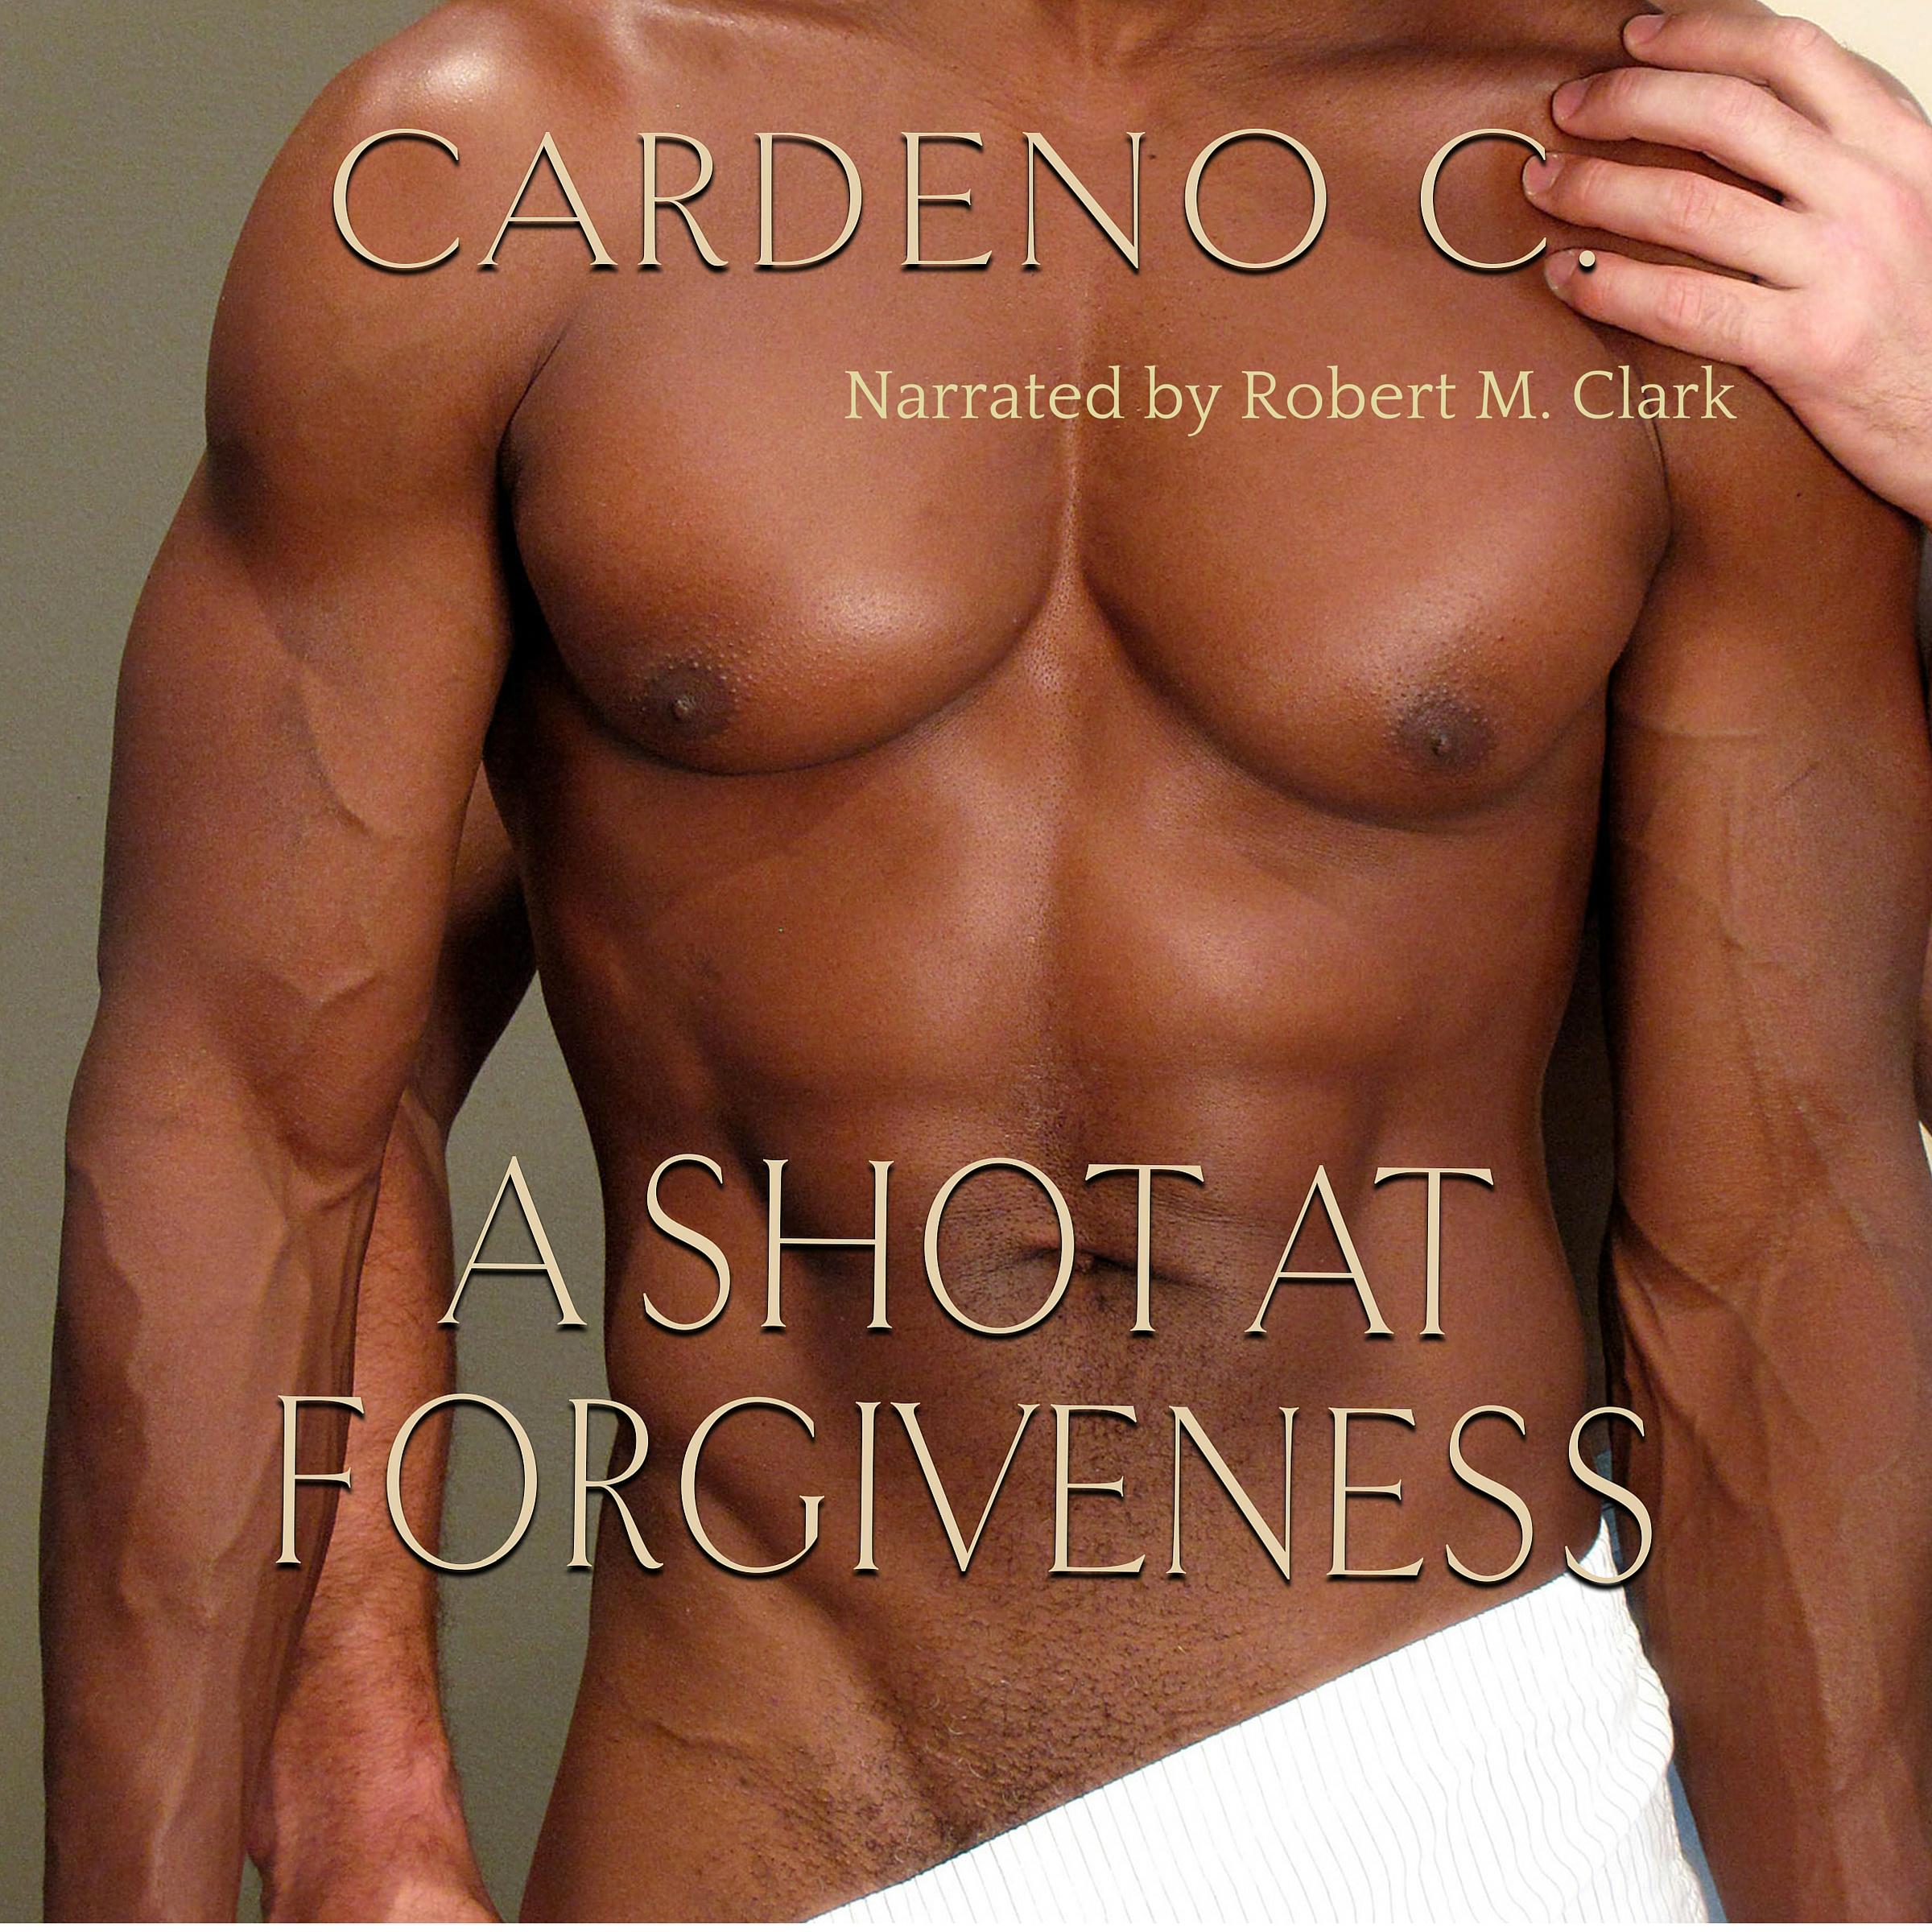 A Shot at Forgiveness